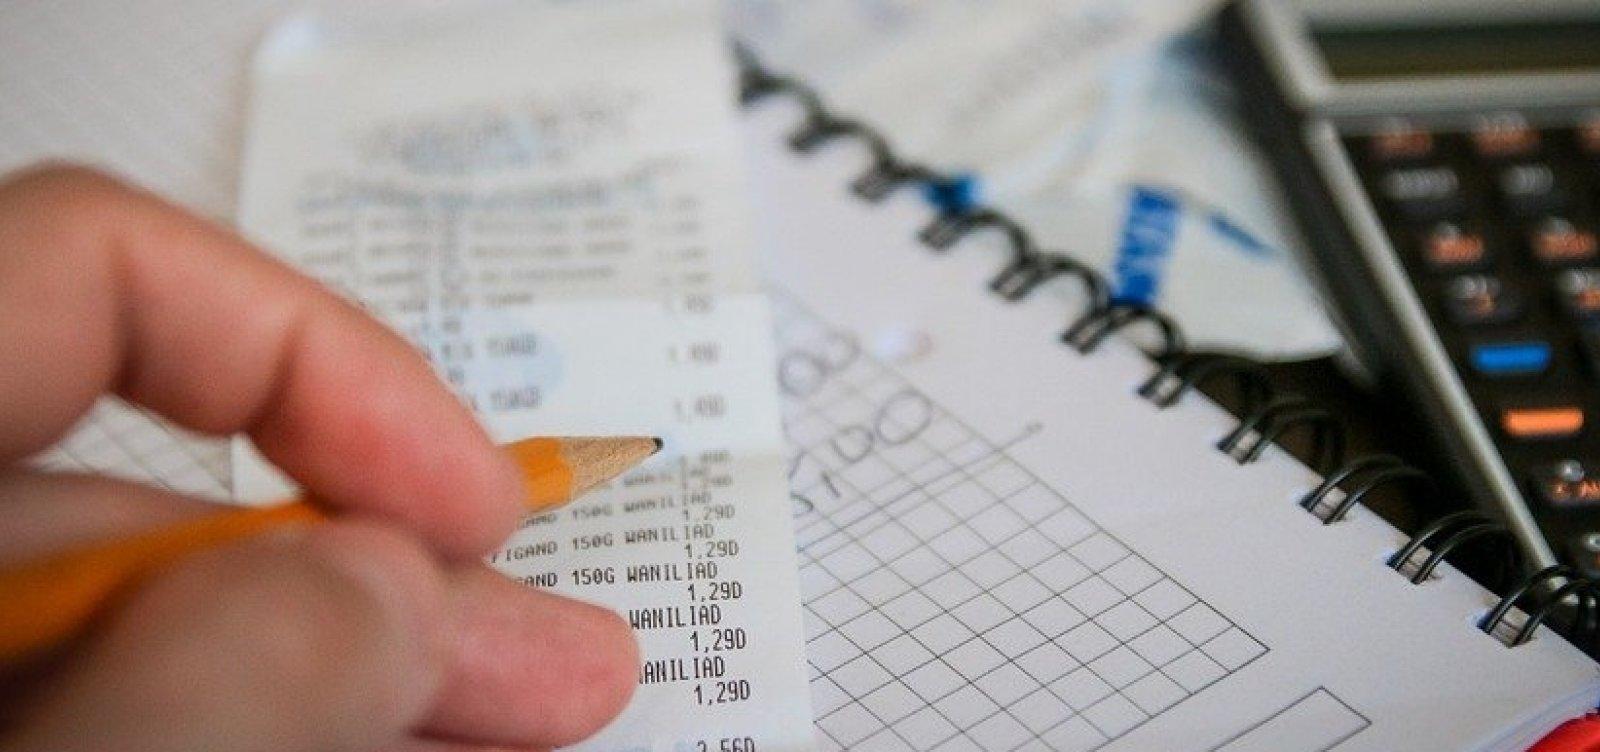 [Percentual de famílias endividadas sobe para 63,4%, diz CNC]